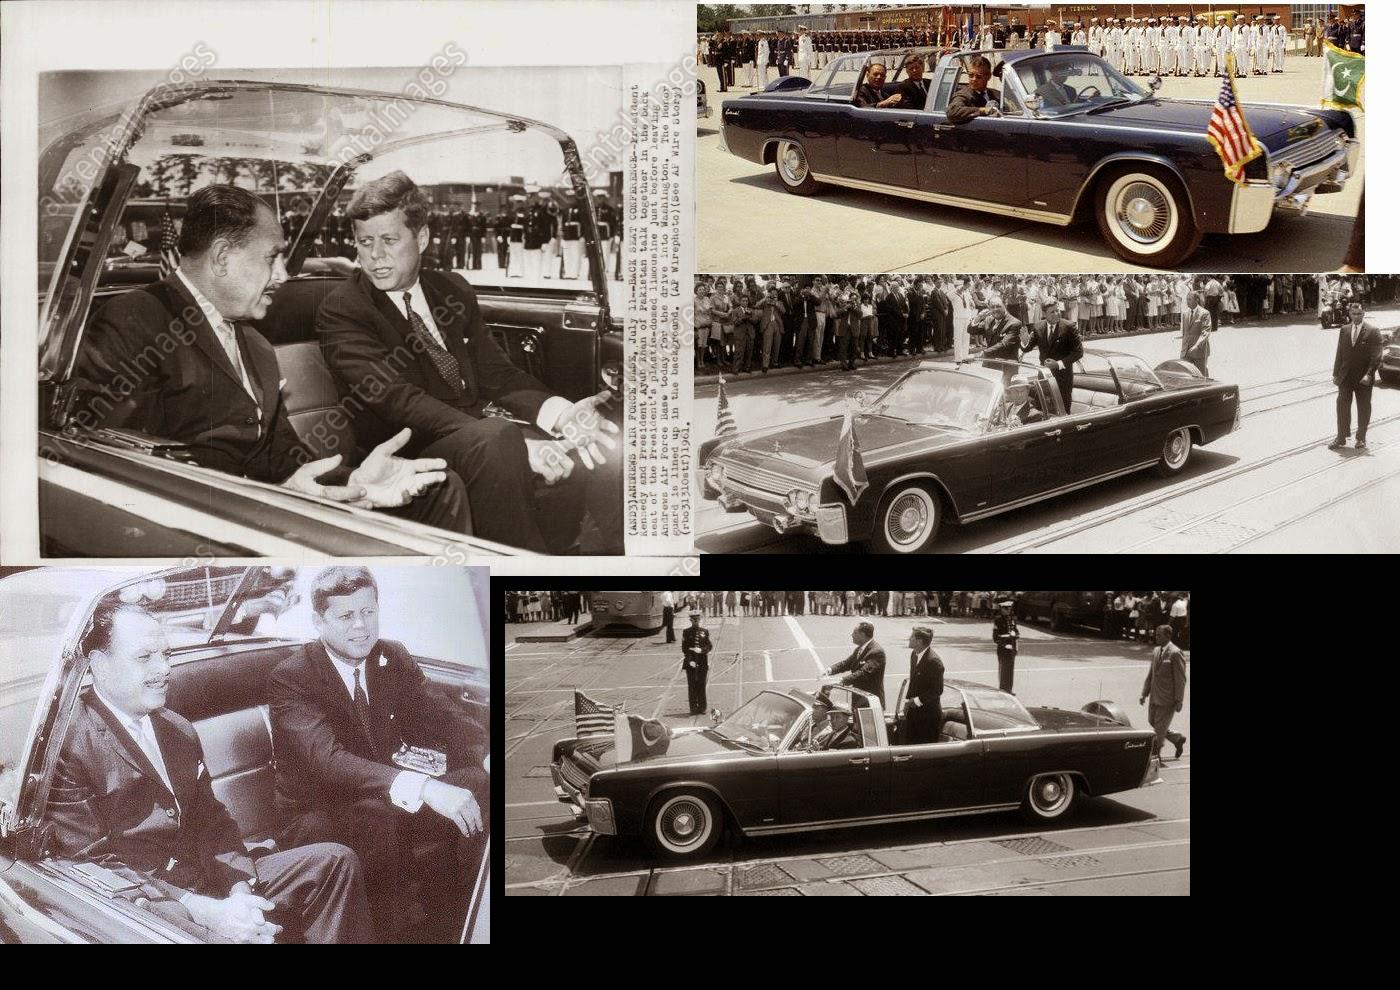 JFK bubbletop Washington, D.C. 7/11/61